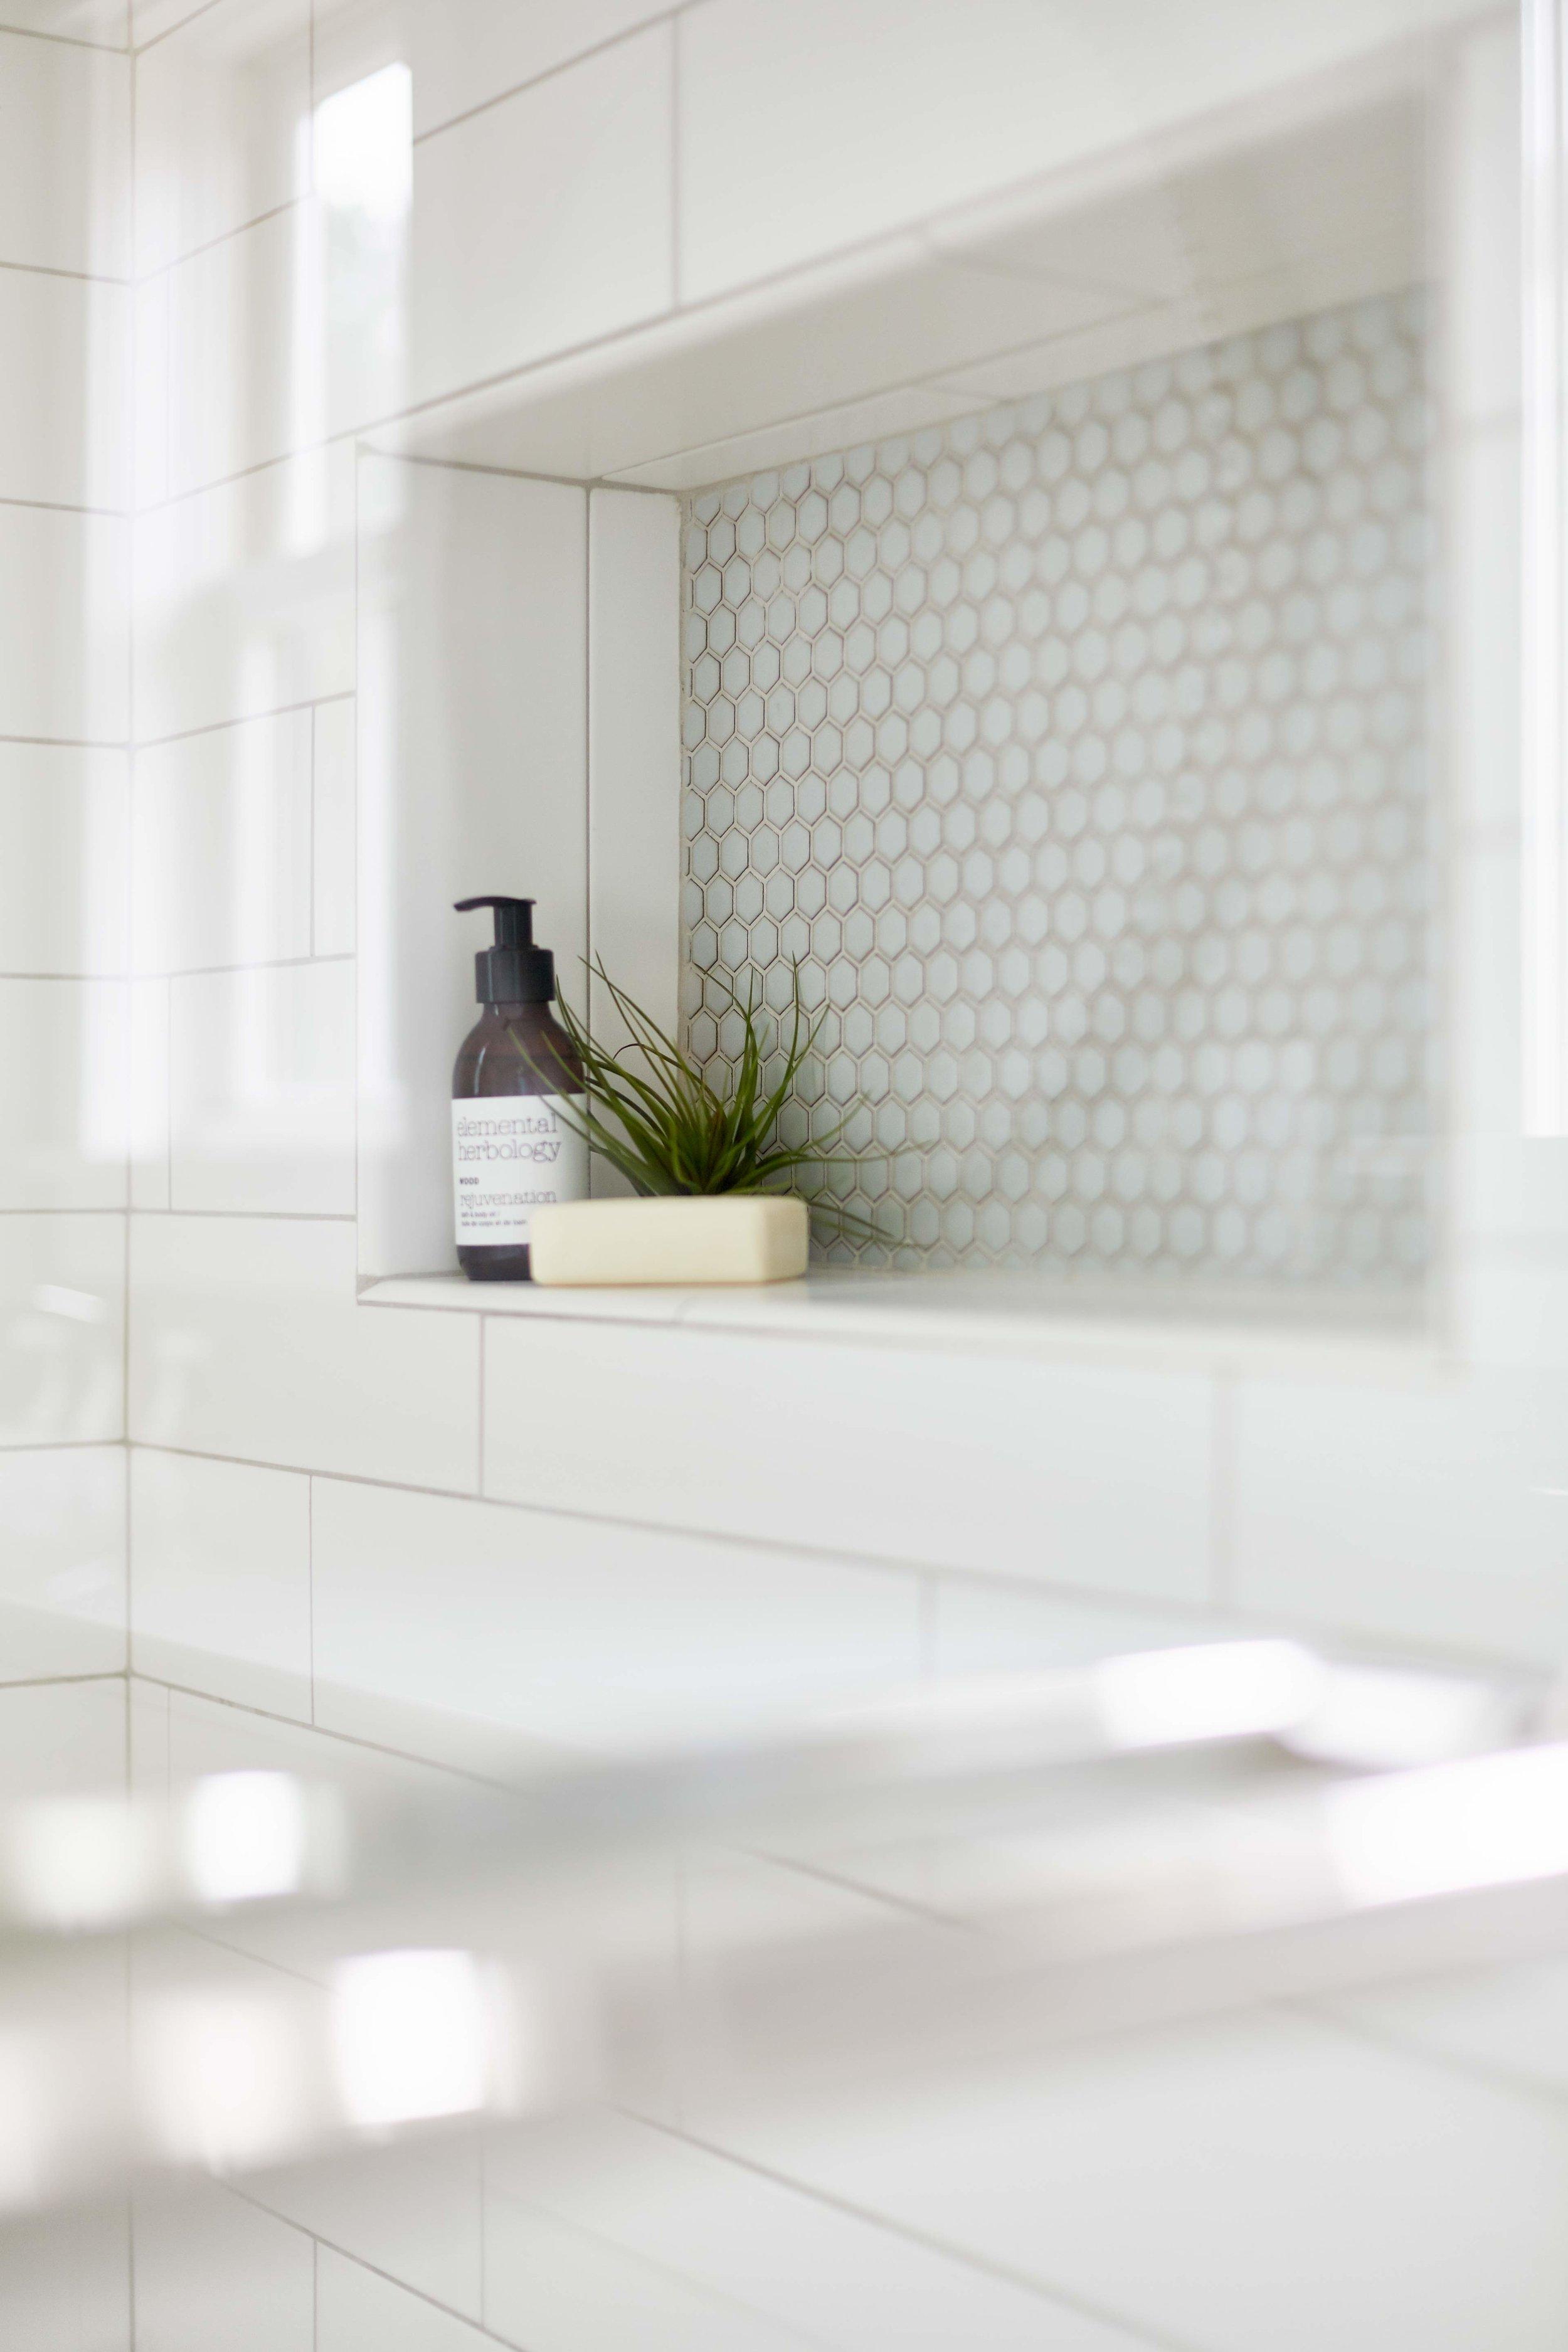 Shower niche detail.